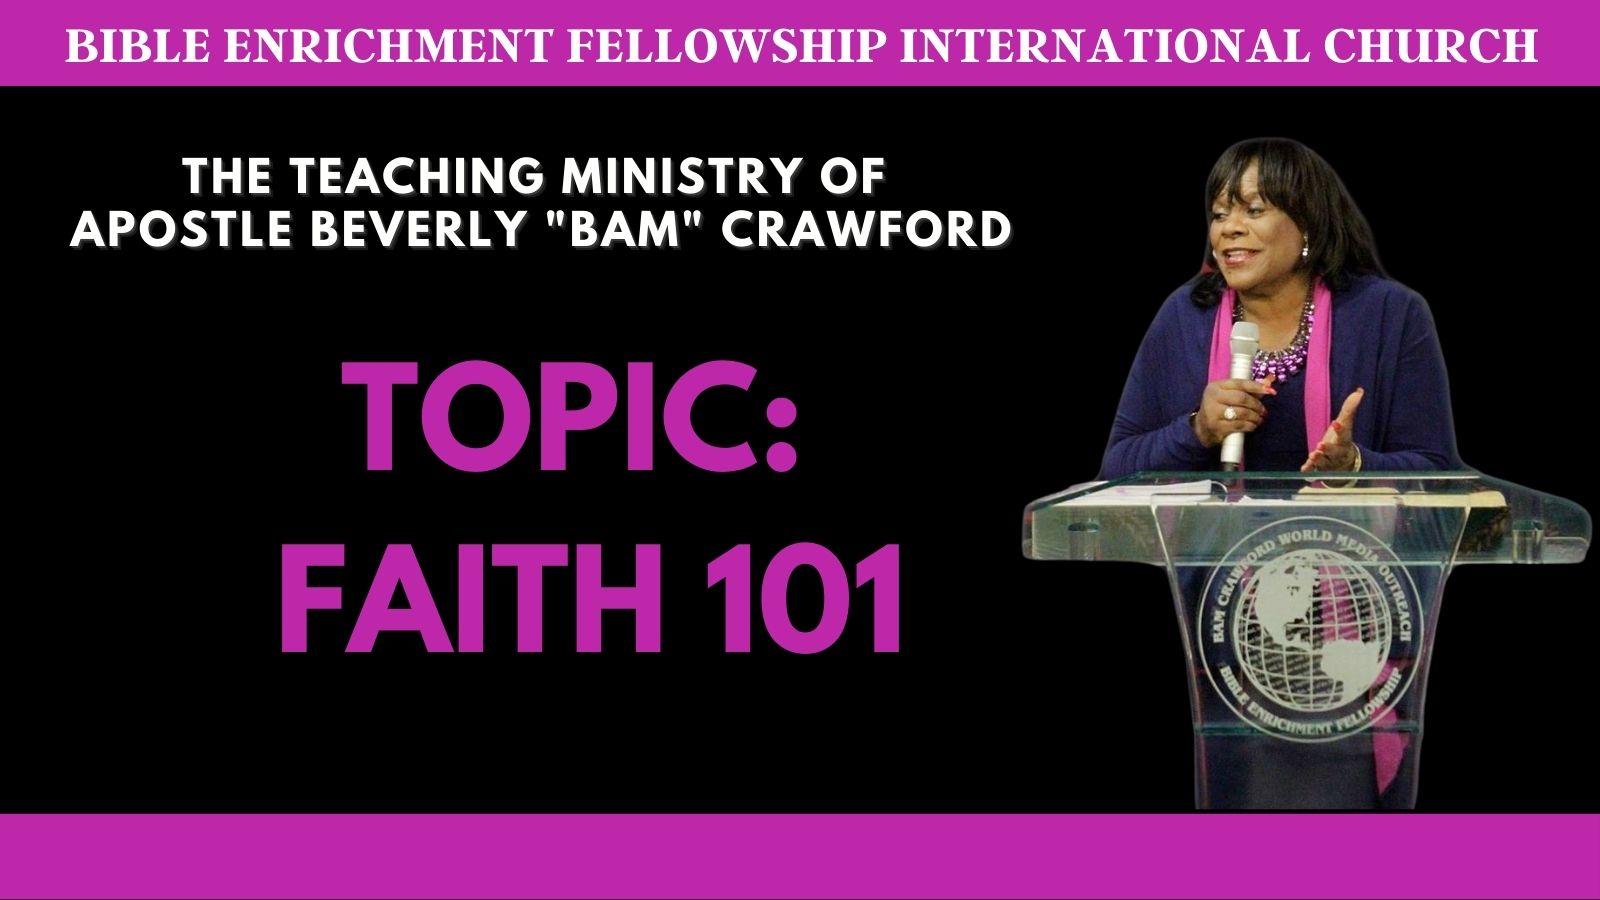 Faith 101 - Part 2